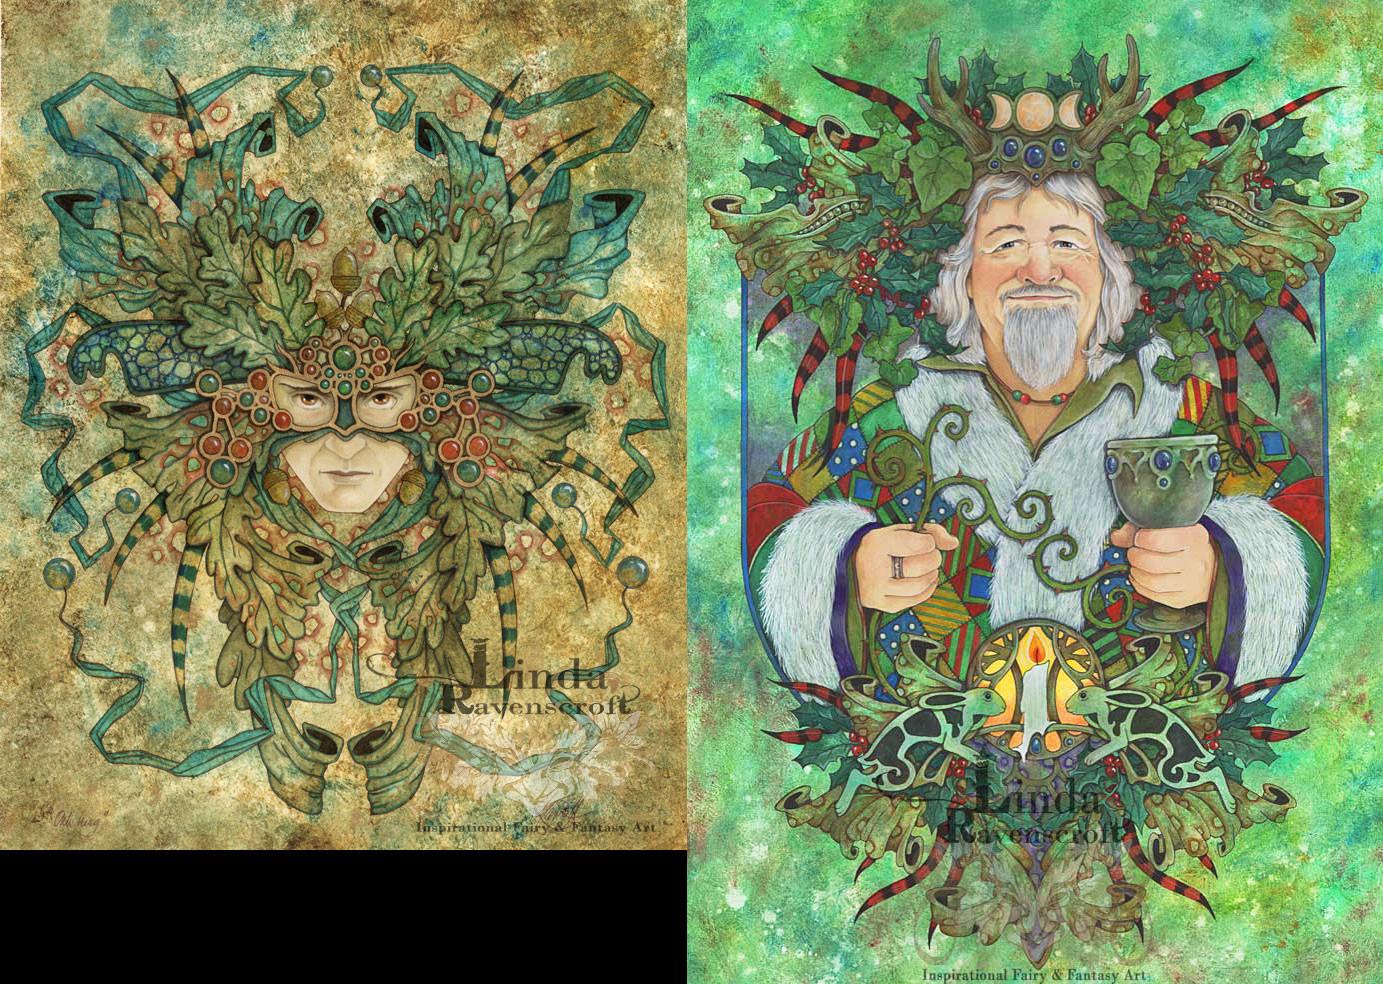 Cards by Linda Ravenscroft